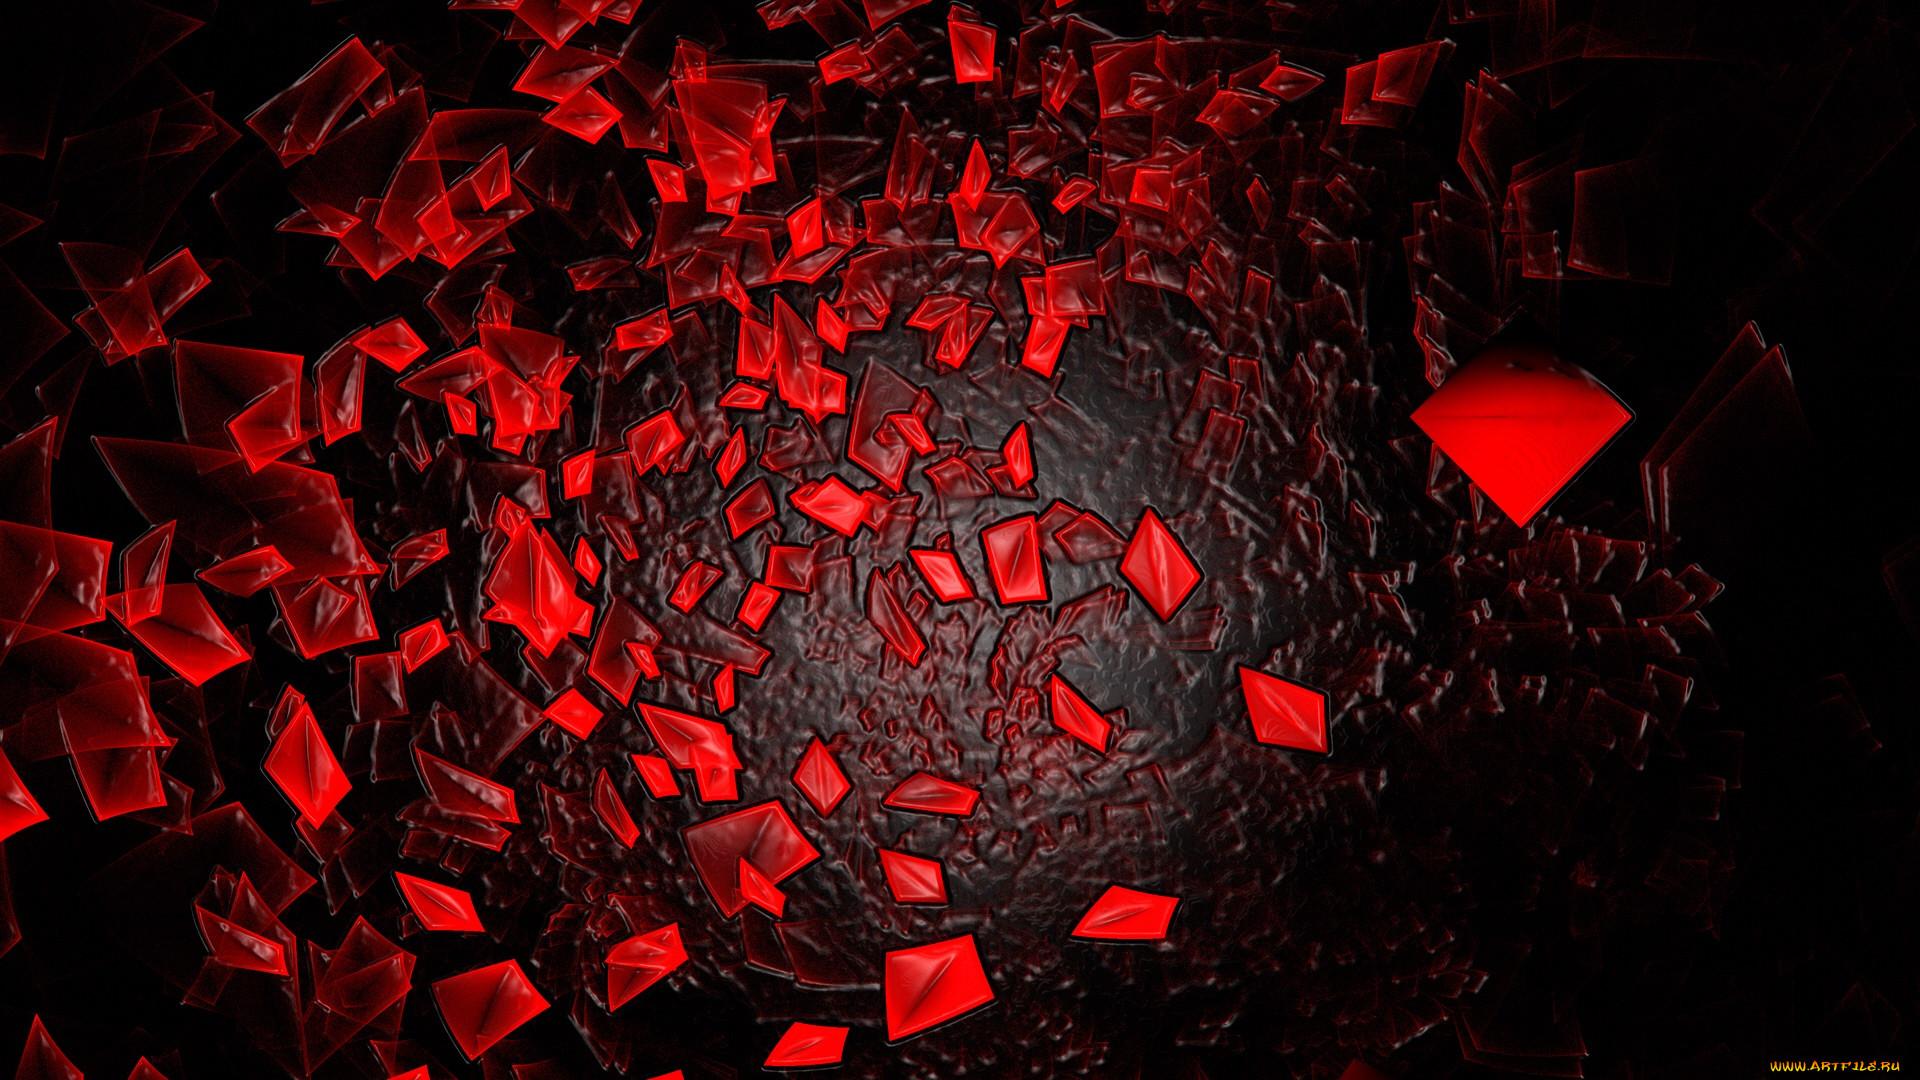 свой красно черно картинки зла вас сбережет